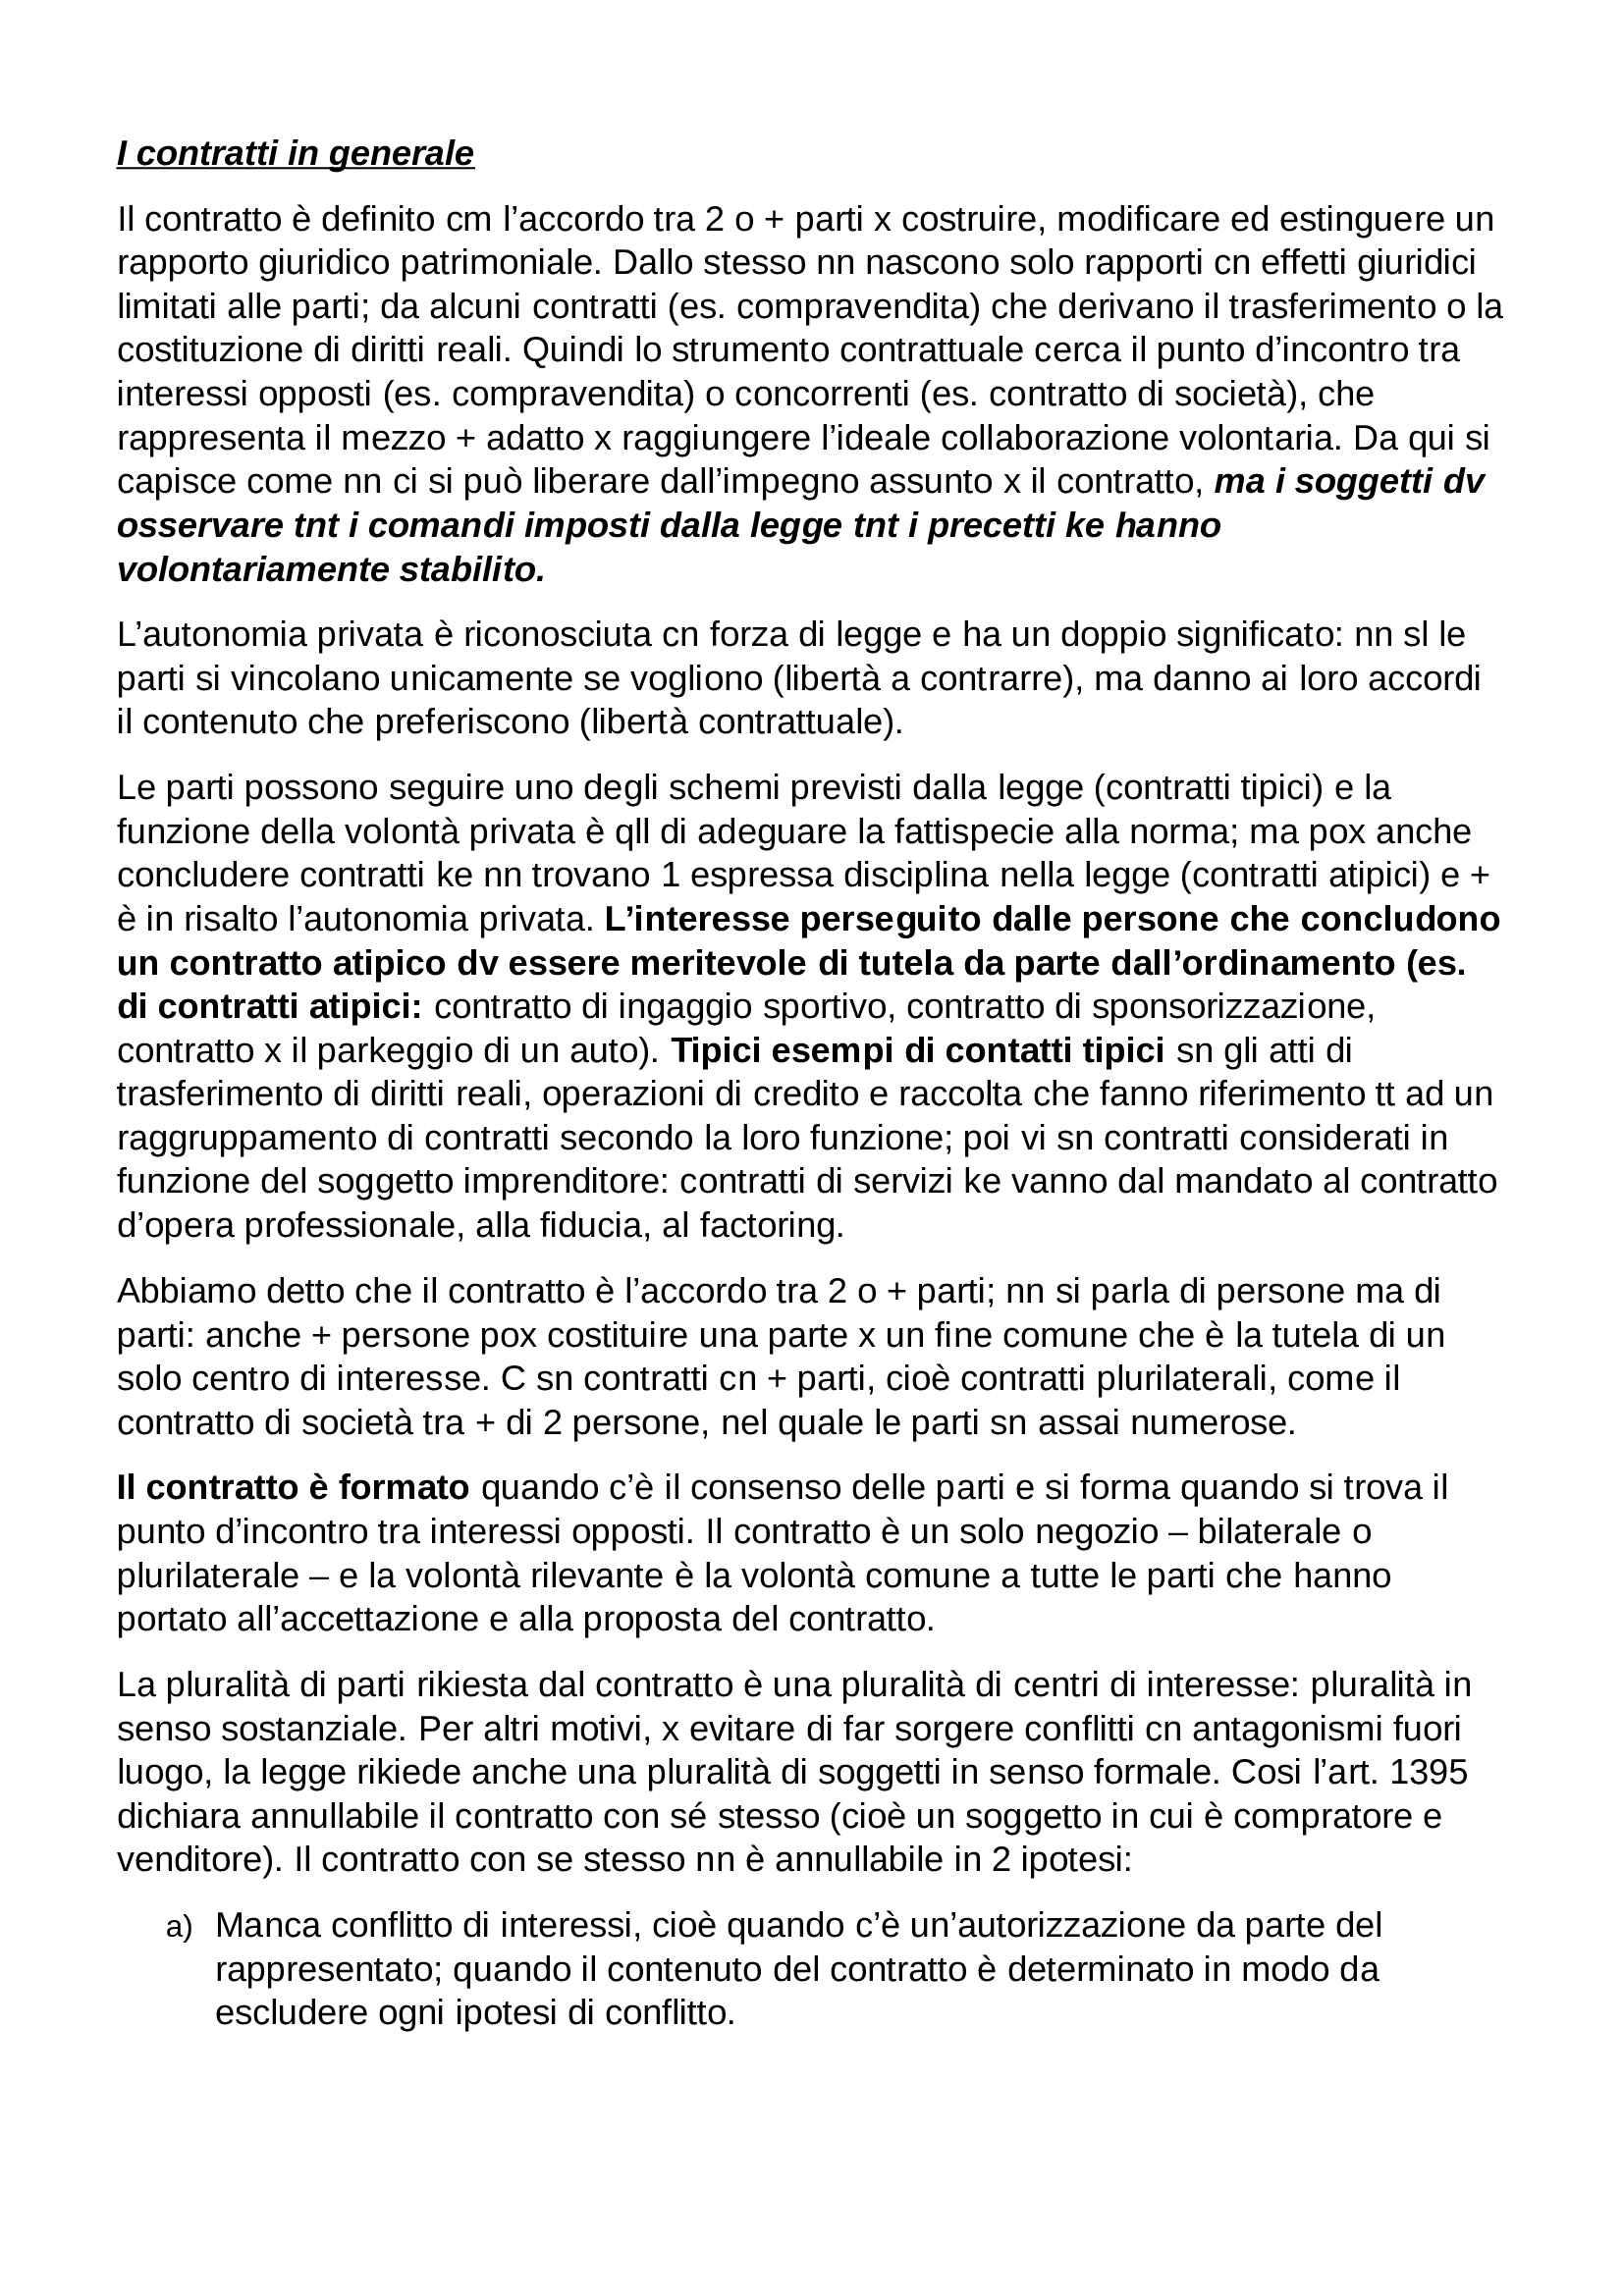 Riassunto esame Diritto Privato, prof. Botta, libro consigliato Istituzioni di Diritto Privato, Trabucchi Pag. 36